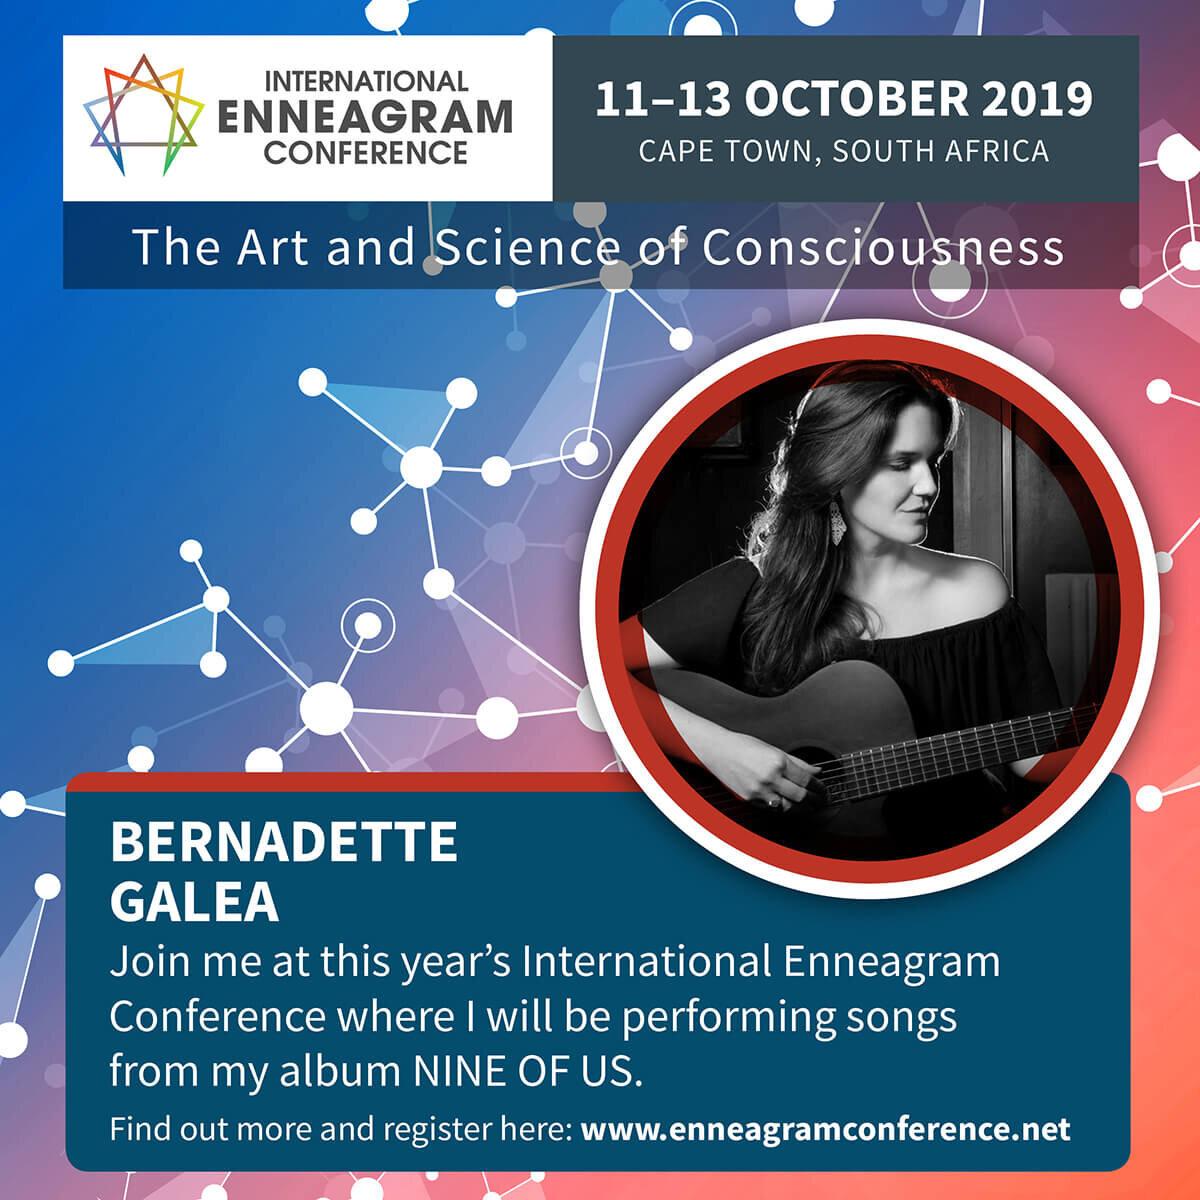 IEC2019-Bernadette  Galea-SM.jpg